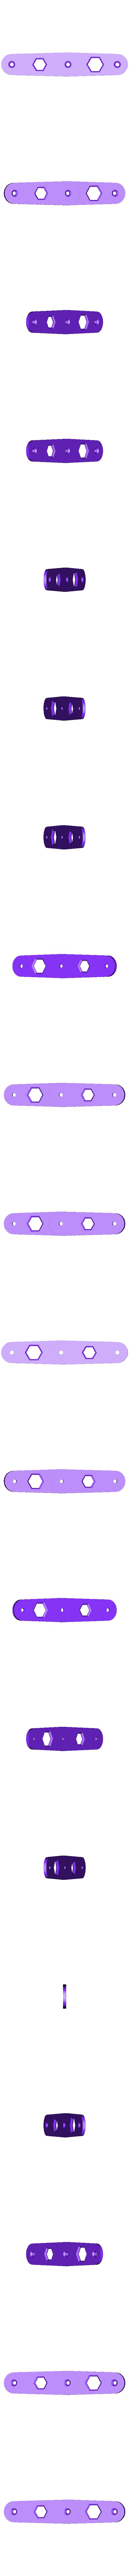 gear_test_top2.stl Télécharger fichier STL gratuit Engrenages imprimés 3D • Modèle à imprimer en 3D, marigu